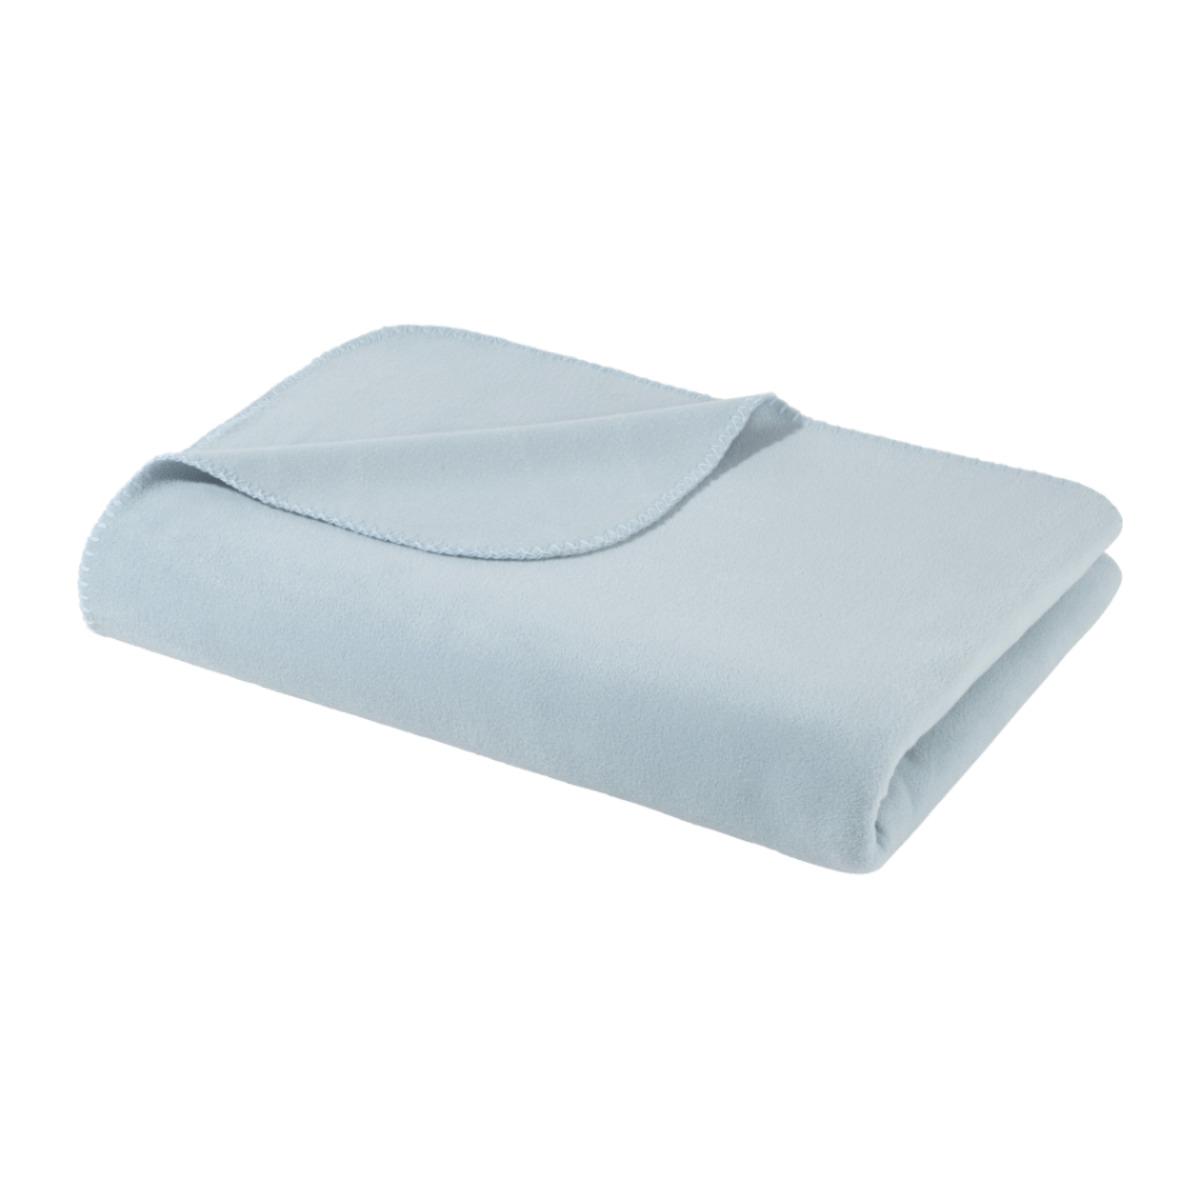 Bild 4 von HOME CREATION     Thermo-Fleece Decke